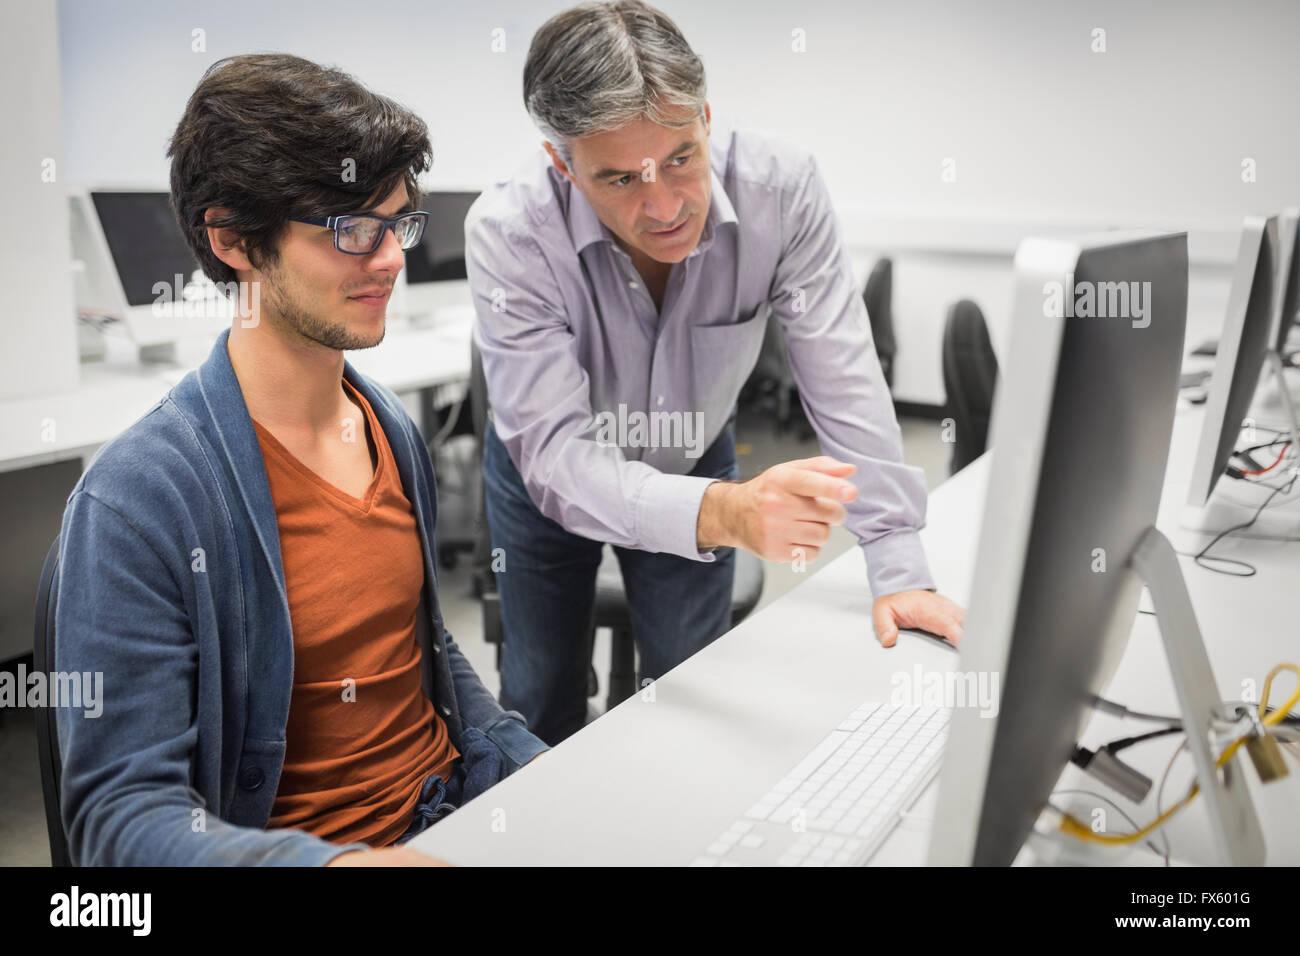 Maestro de computación, ayudar a un estudiante Imagen De Stock